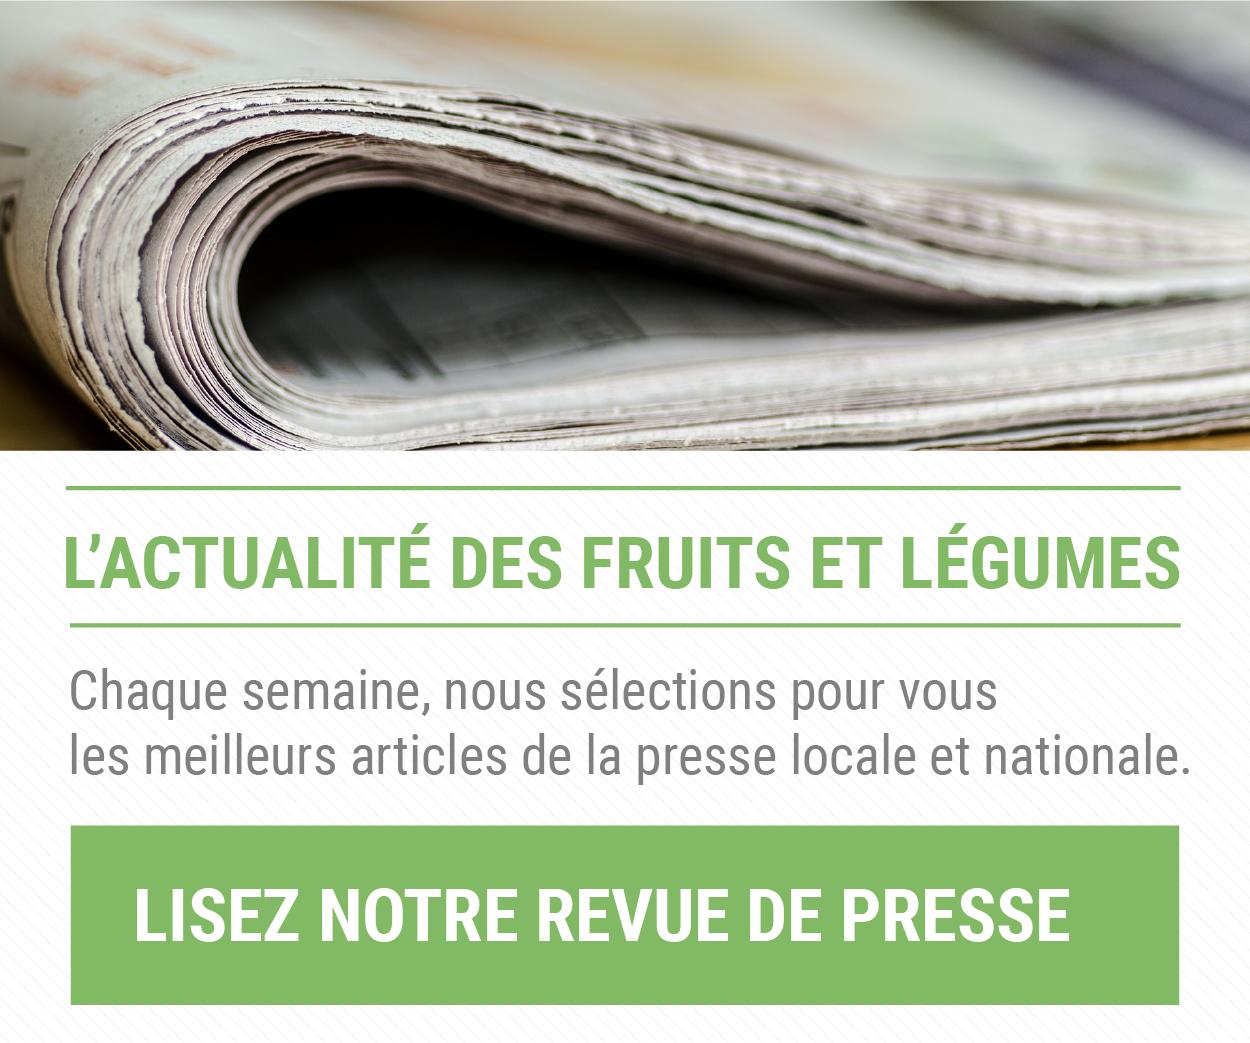 Revue de presse fruits et légumes